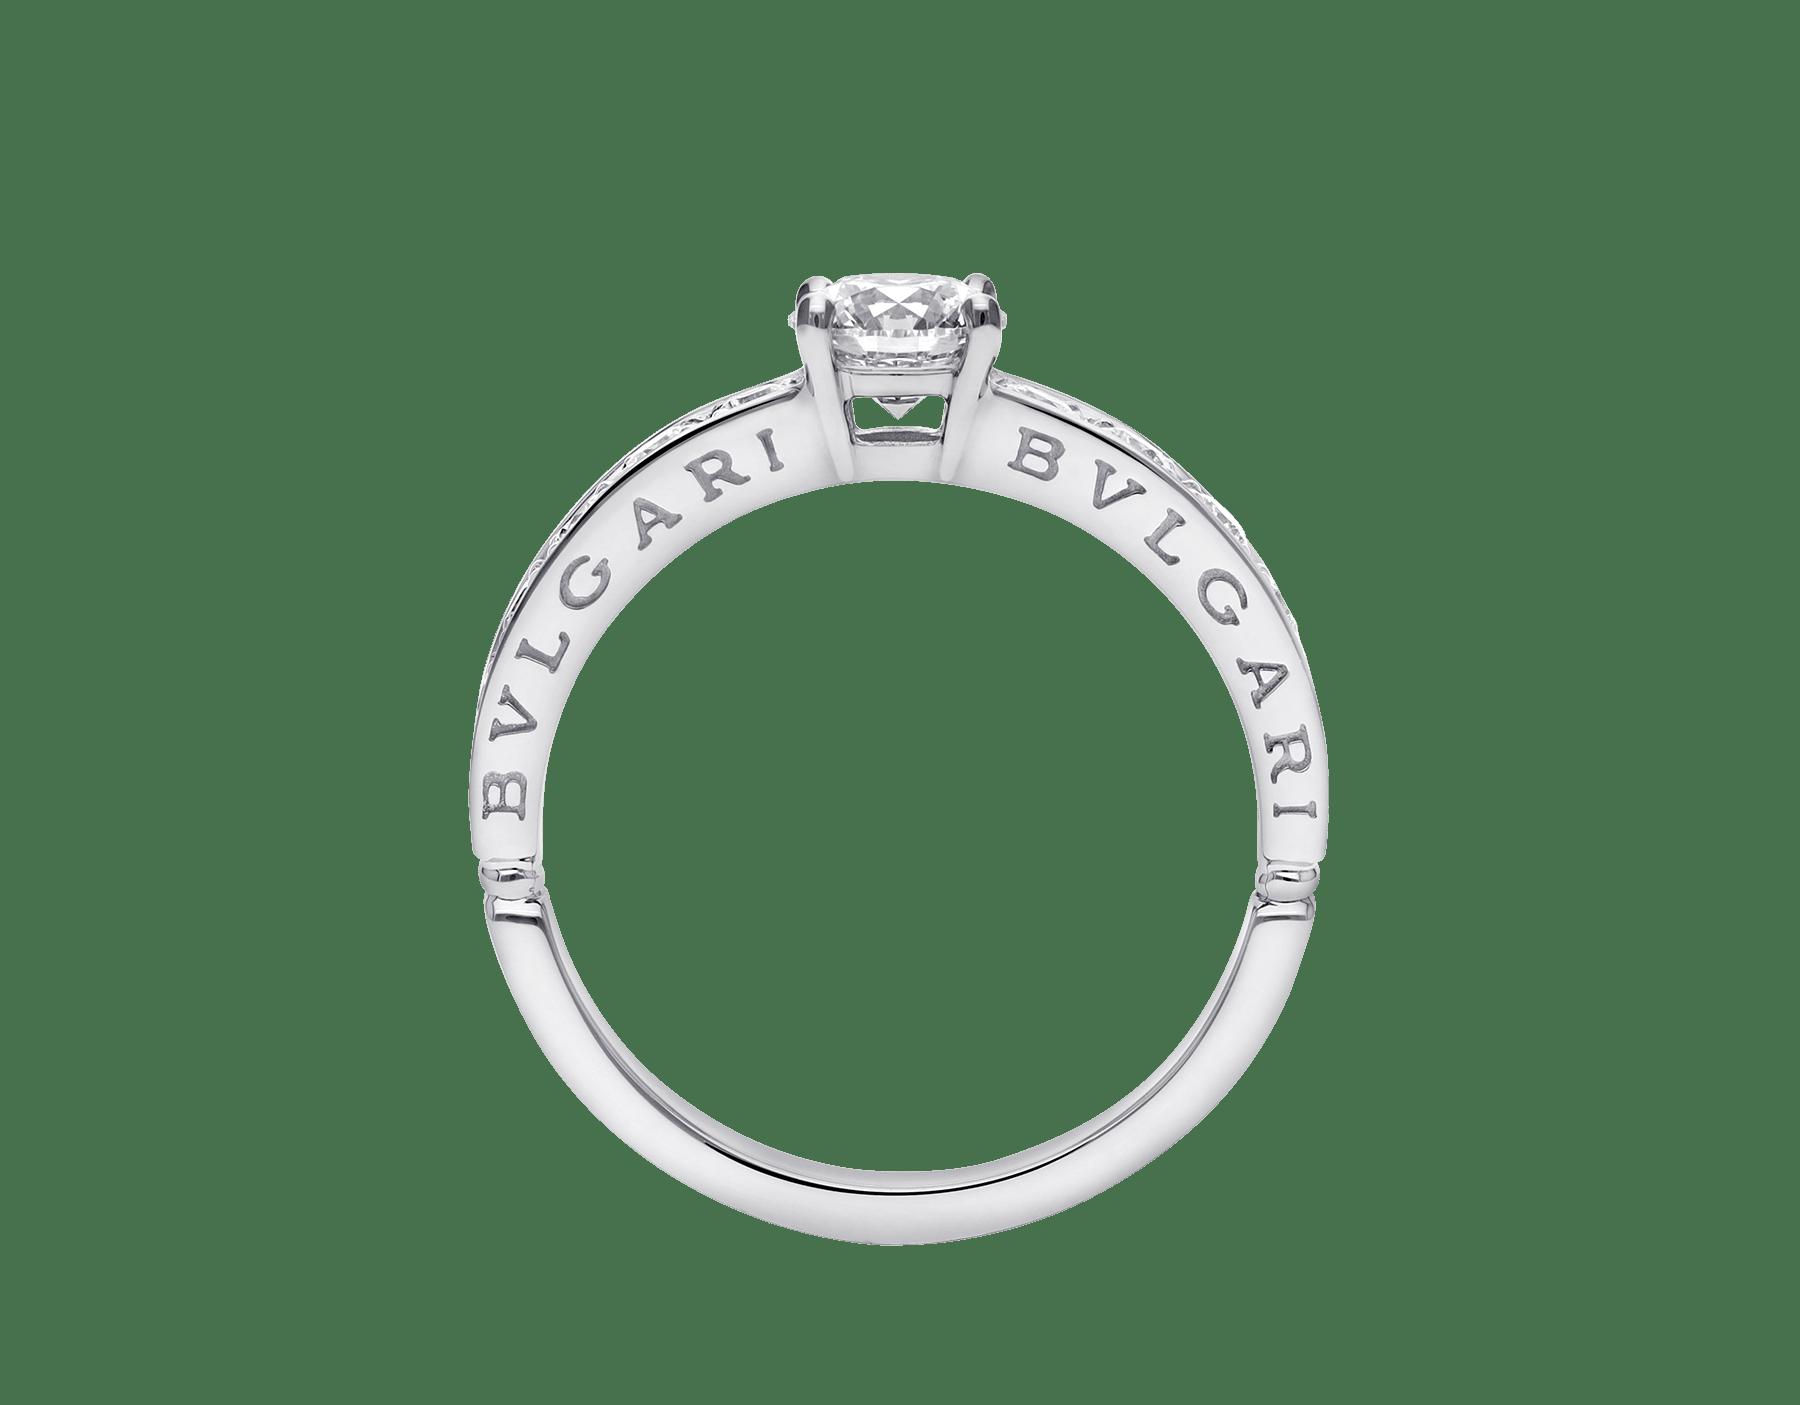 Anello 1503 – Dedicata a Venezia in platino con diamante tondo taglio brillante e pavé di diamanti. 343211 image 4